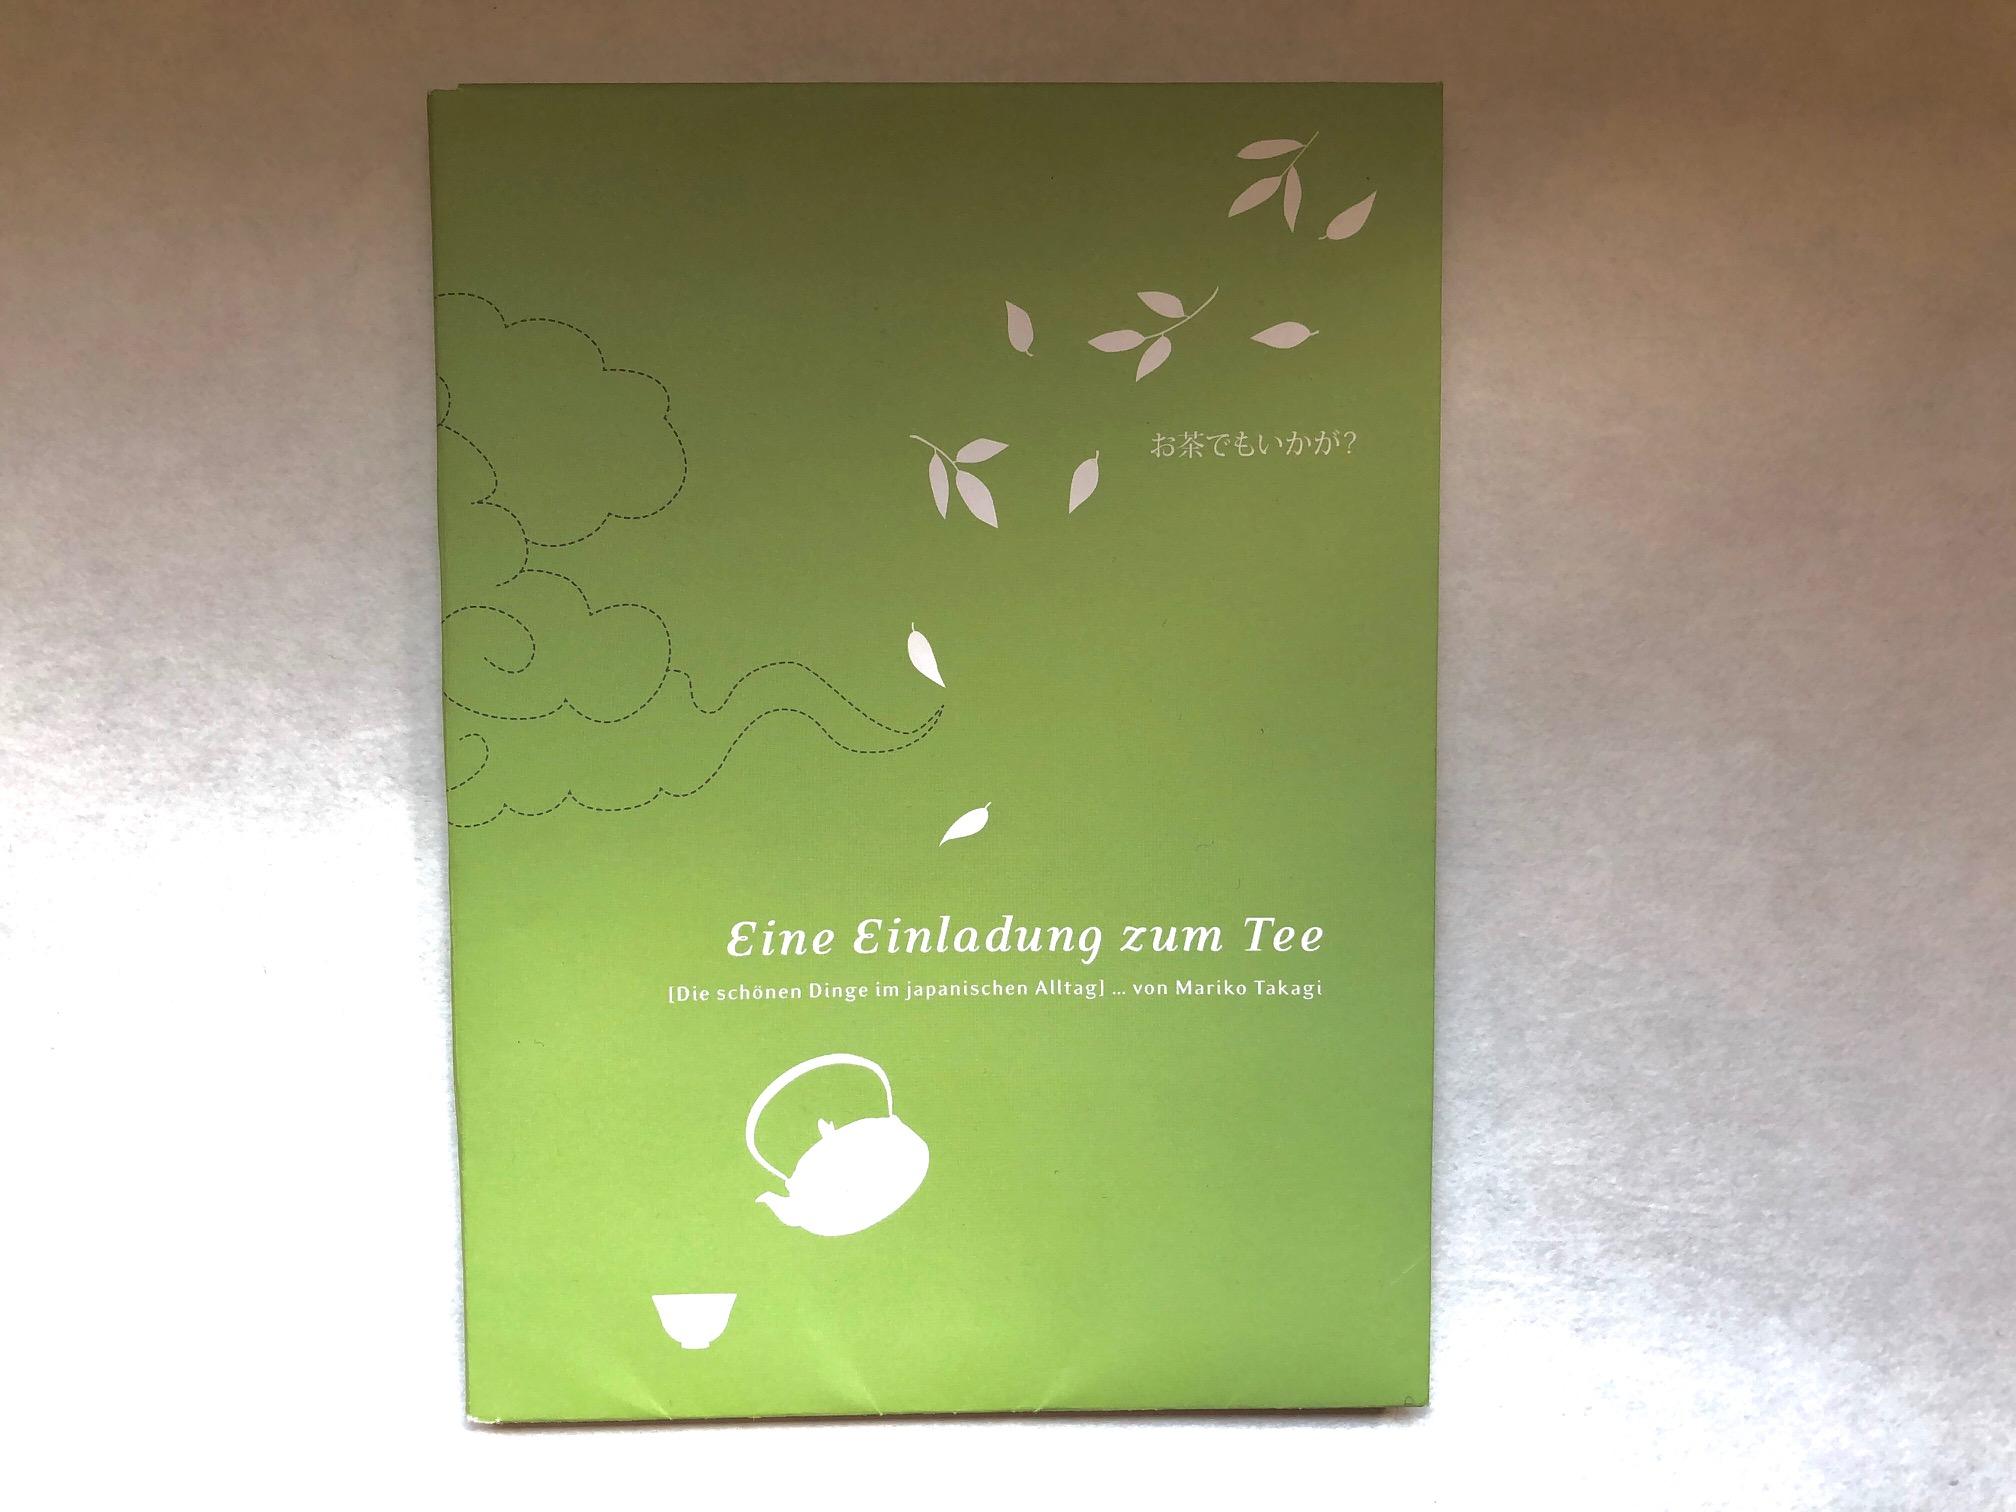 Eine Einladung zum Tee (M. Takagi)